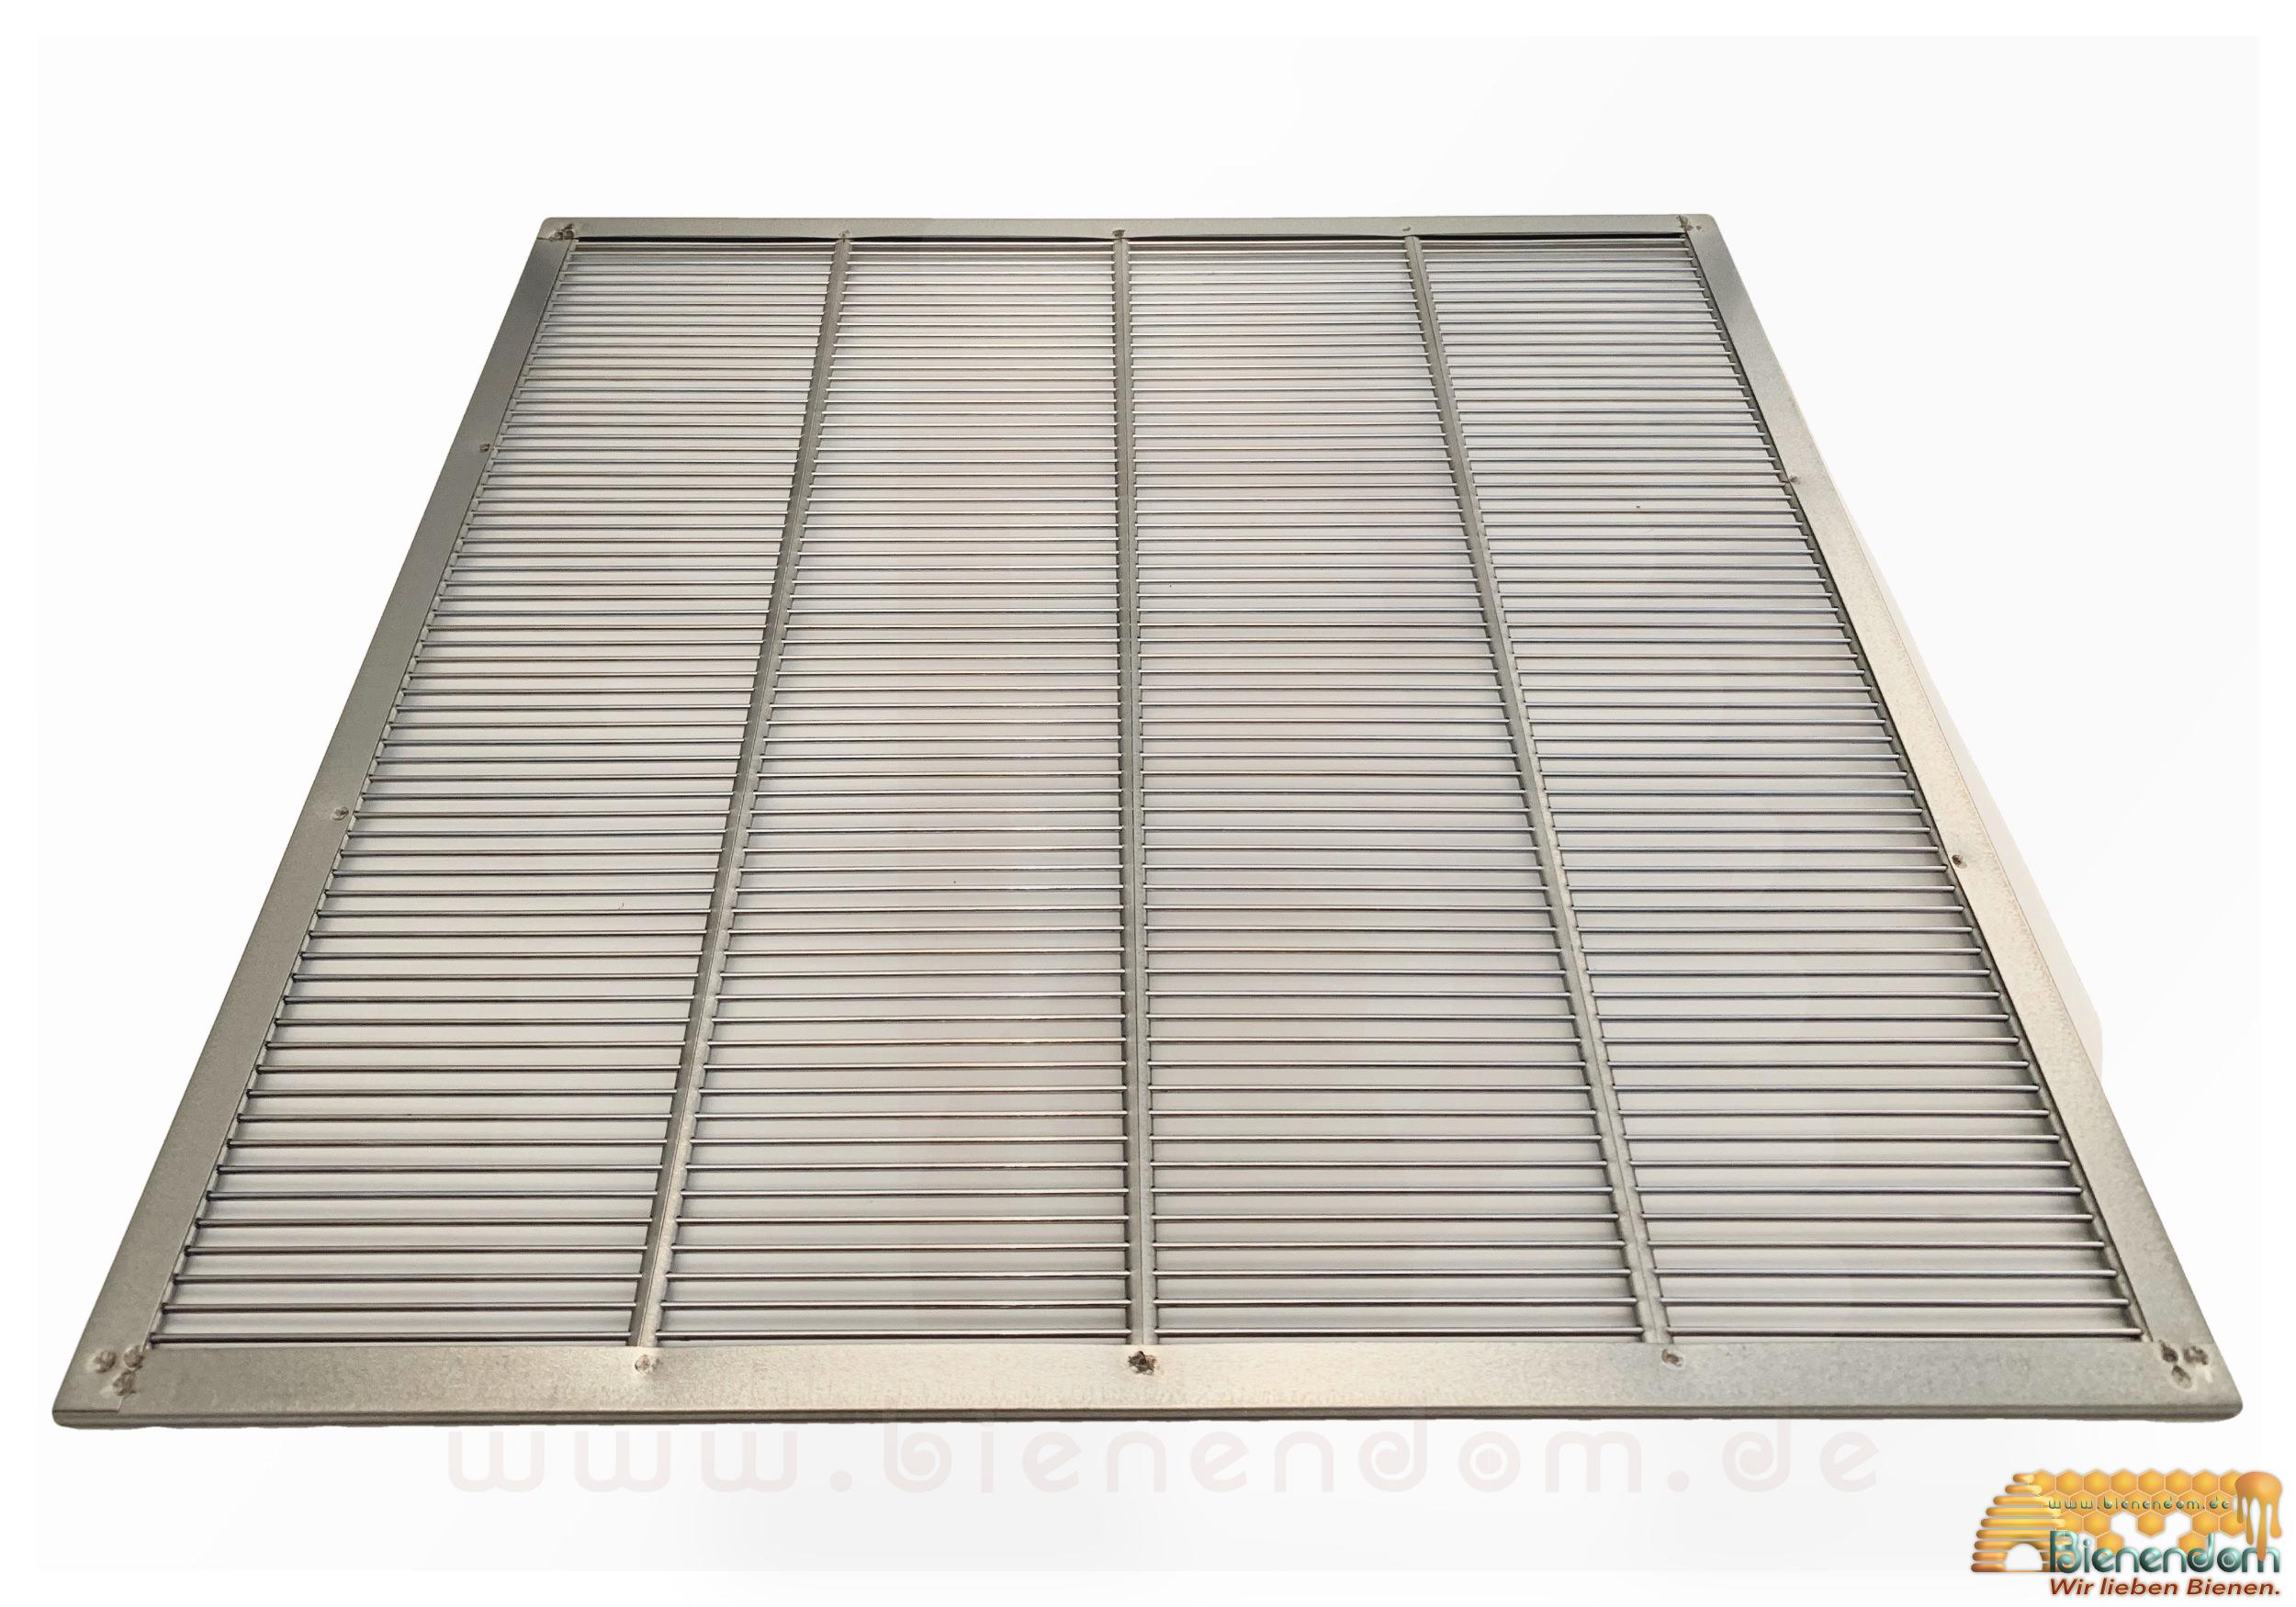 Absperrgitter Verzinkt | Segeberger | Metall | 425 x 425mm